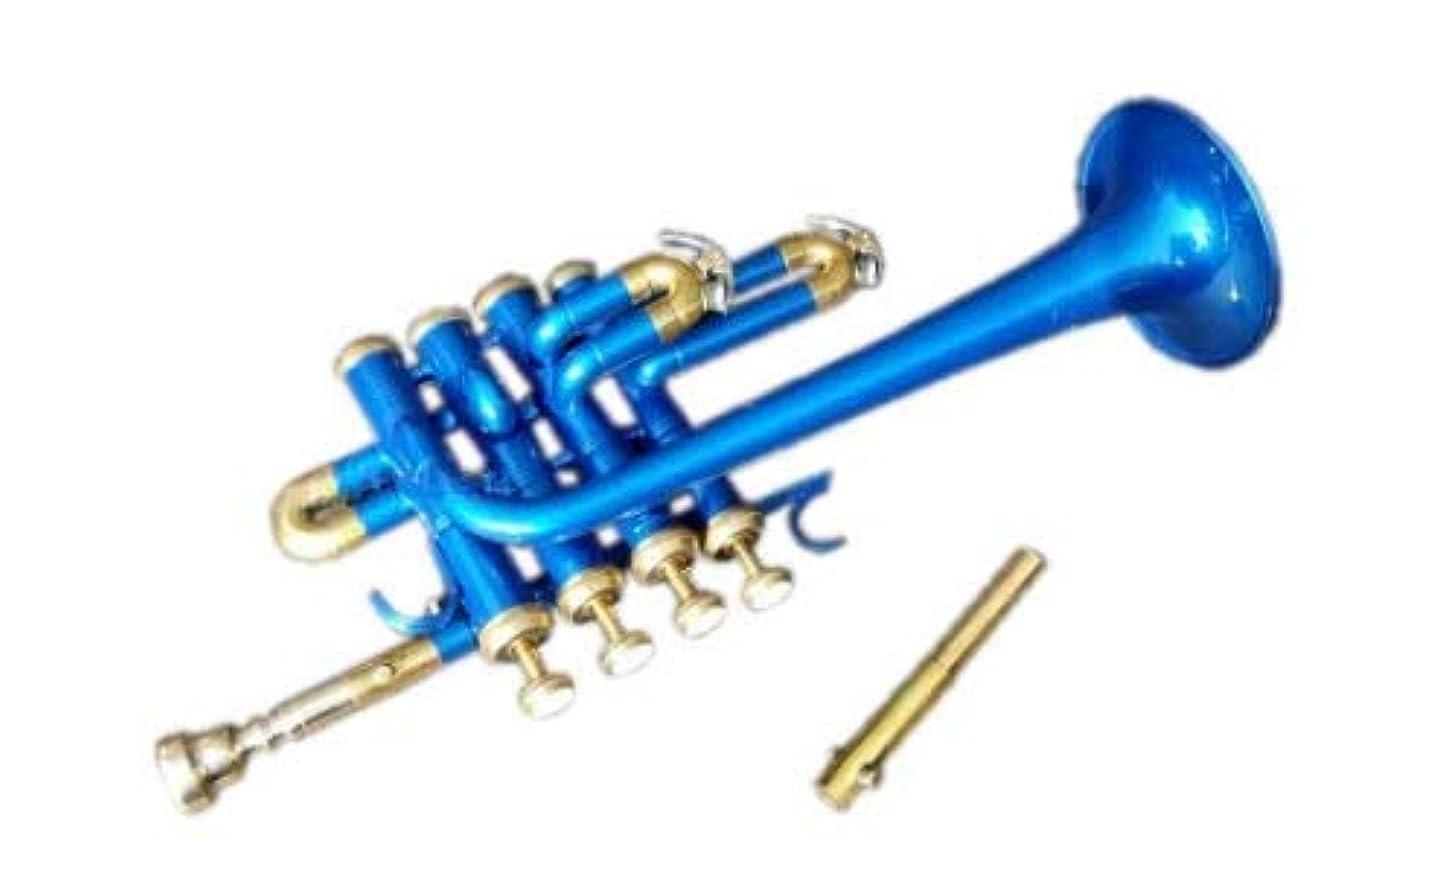 PICCOLO TRUMPET BLUE COLORED BB/A PICOLLO+MP BRASS MADE NICE SOUND PICOOLO